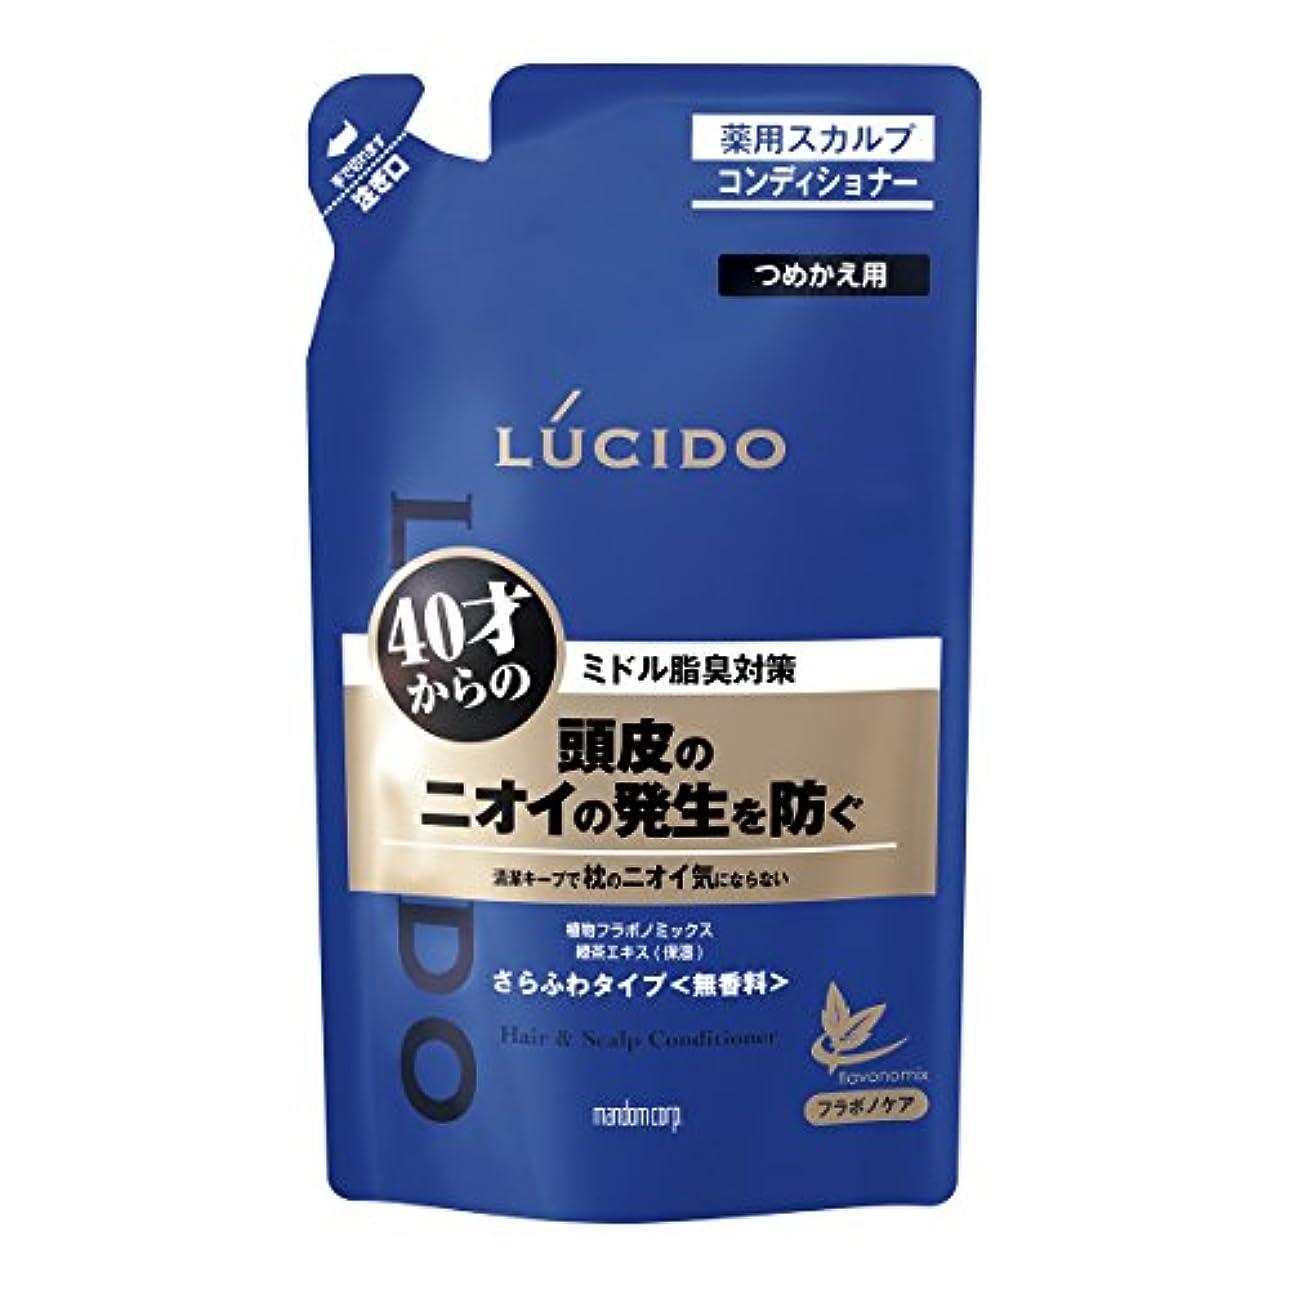 プライムアーサーコナンドイル着替えるルシード 薬用ヘア&スカルプコンディショナー つめかえ用 380g(医薬部外品)